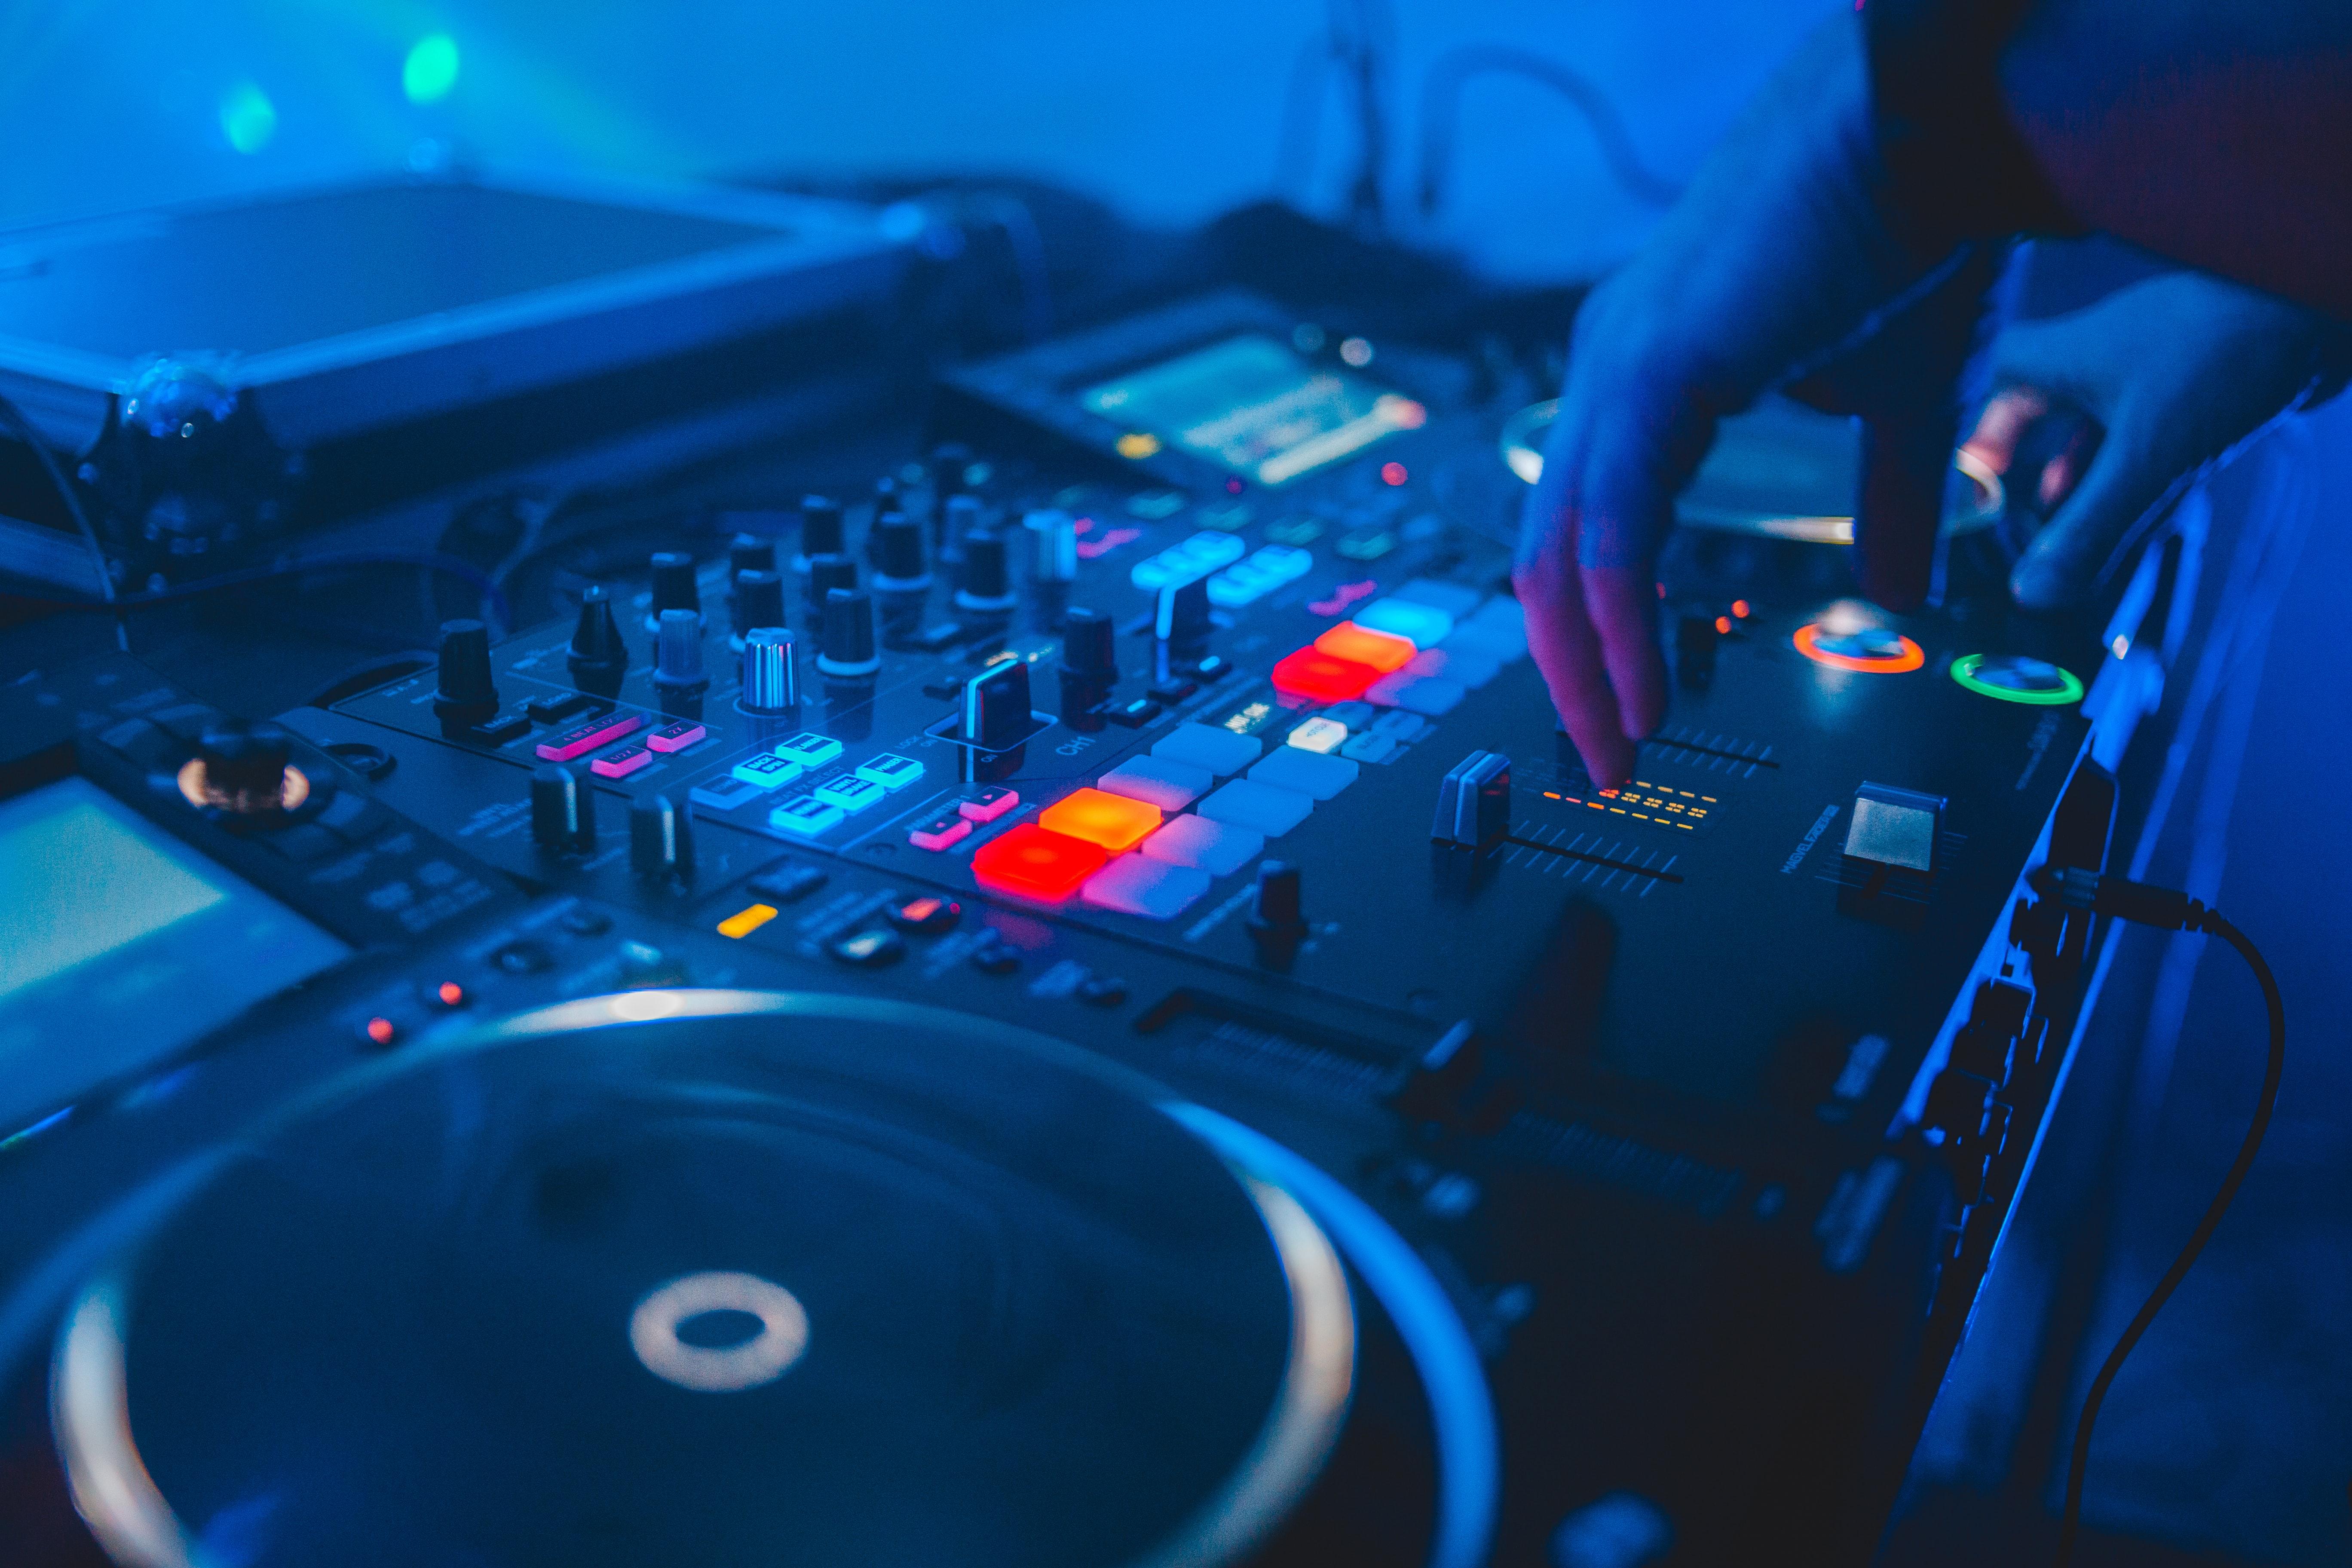 117041 Salvapantallas y fondos de pantalla Música en tu teléfono. Descarga imágenes de Música, Dj, Pinchadiscos, Disco, Discoteca, Instalación gratis